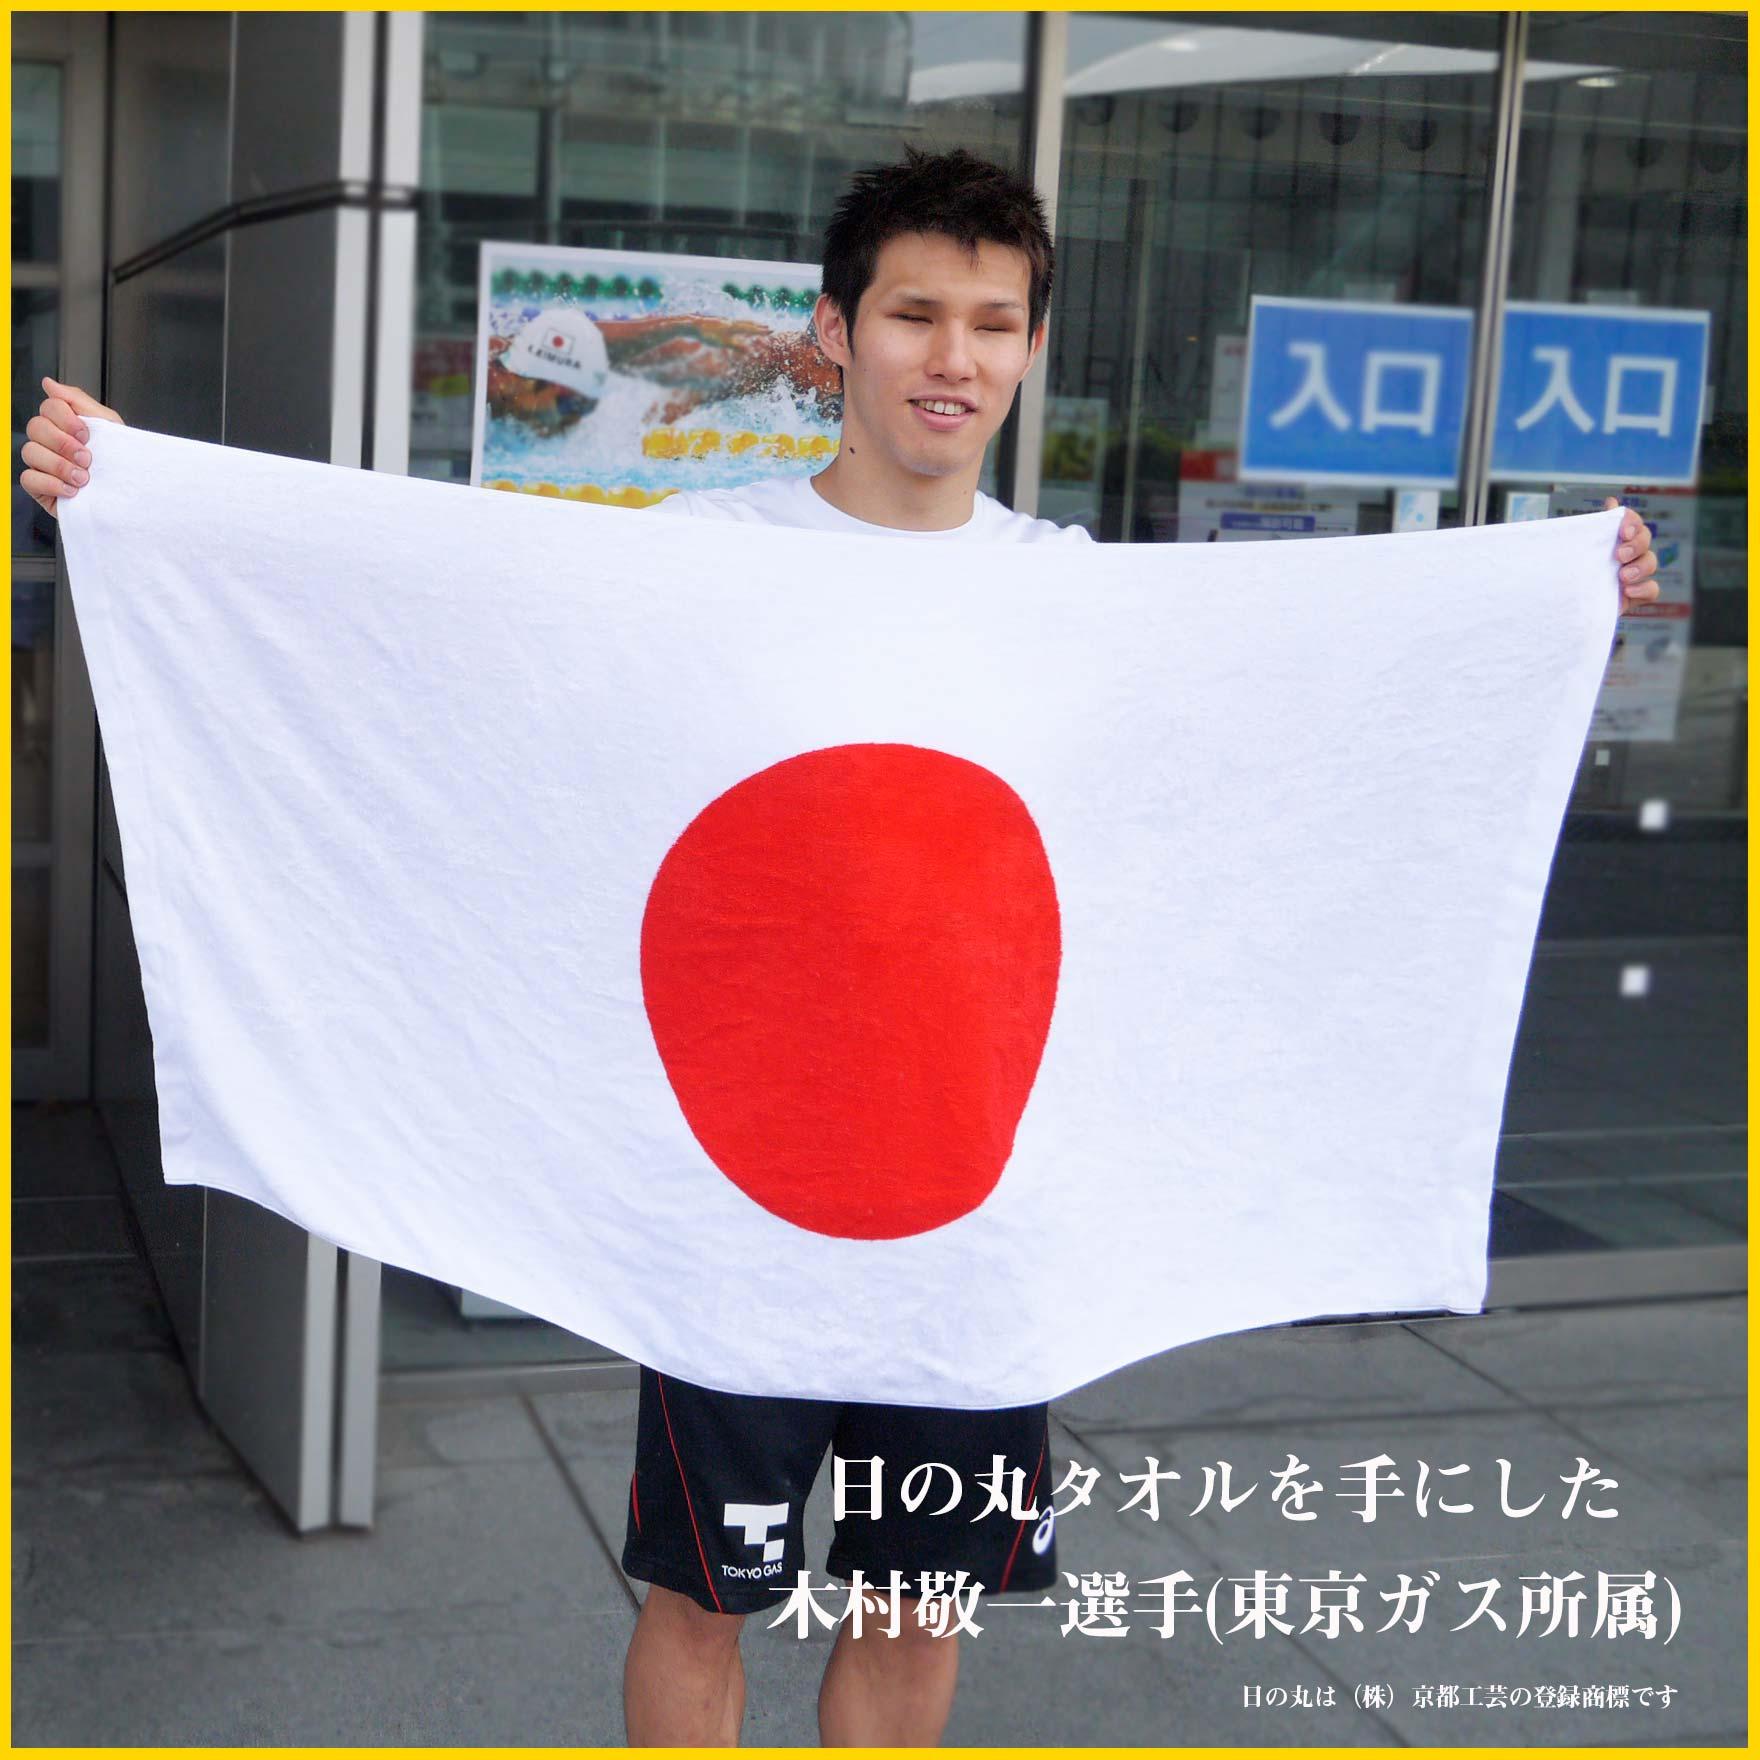 木村敬一選手(東京ガス所属)